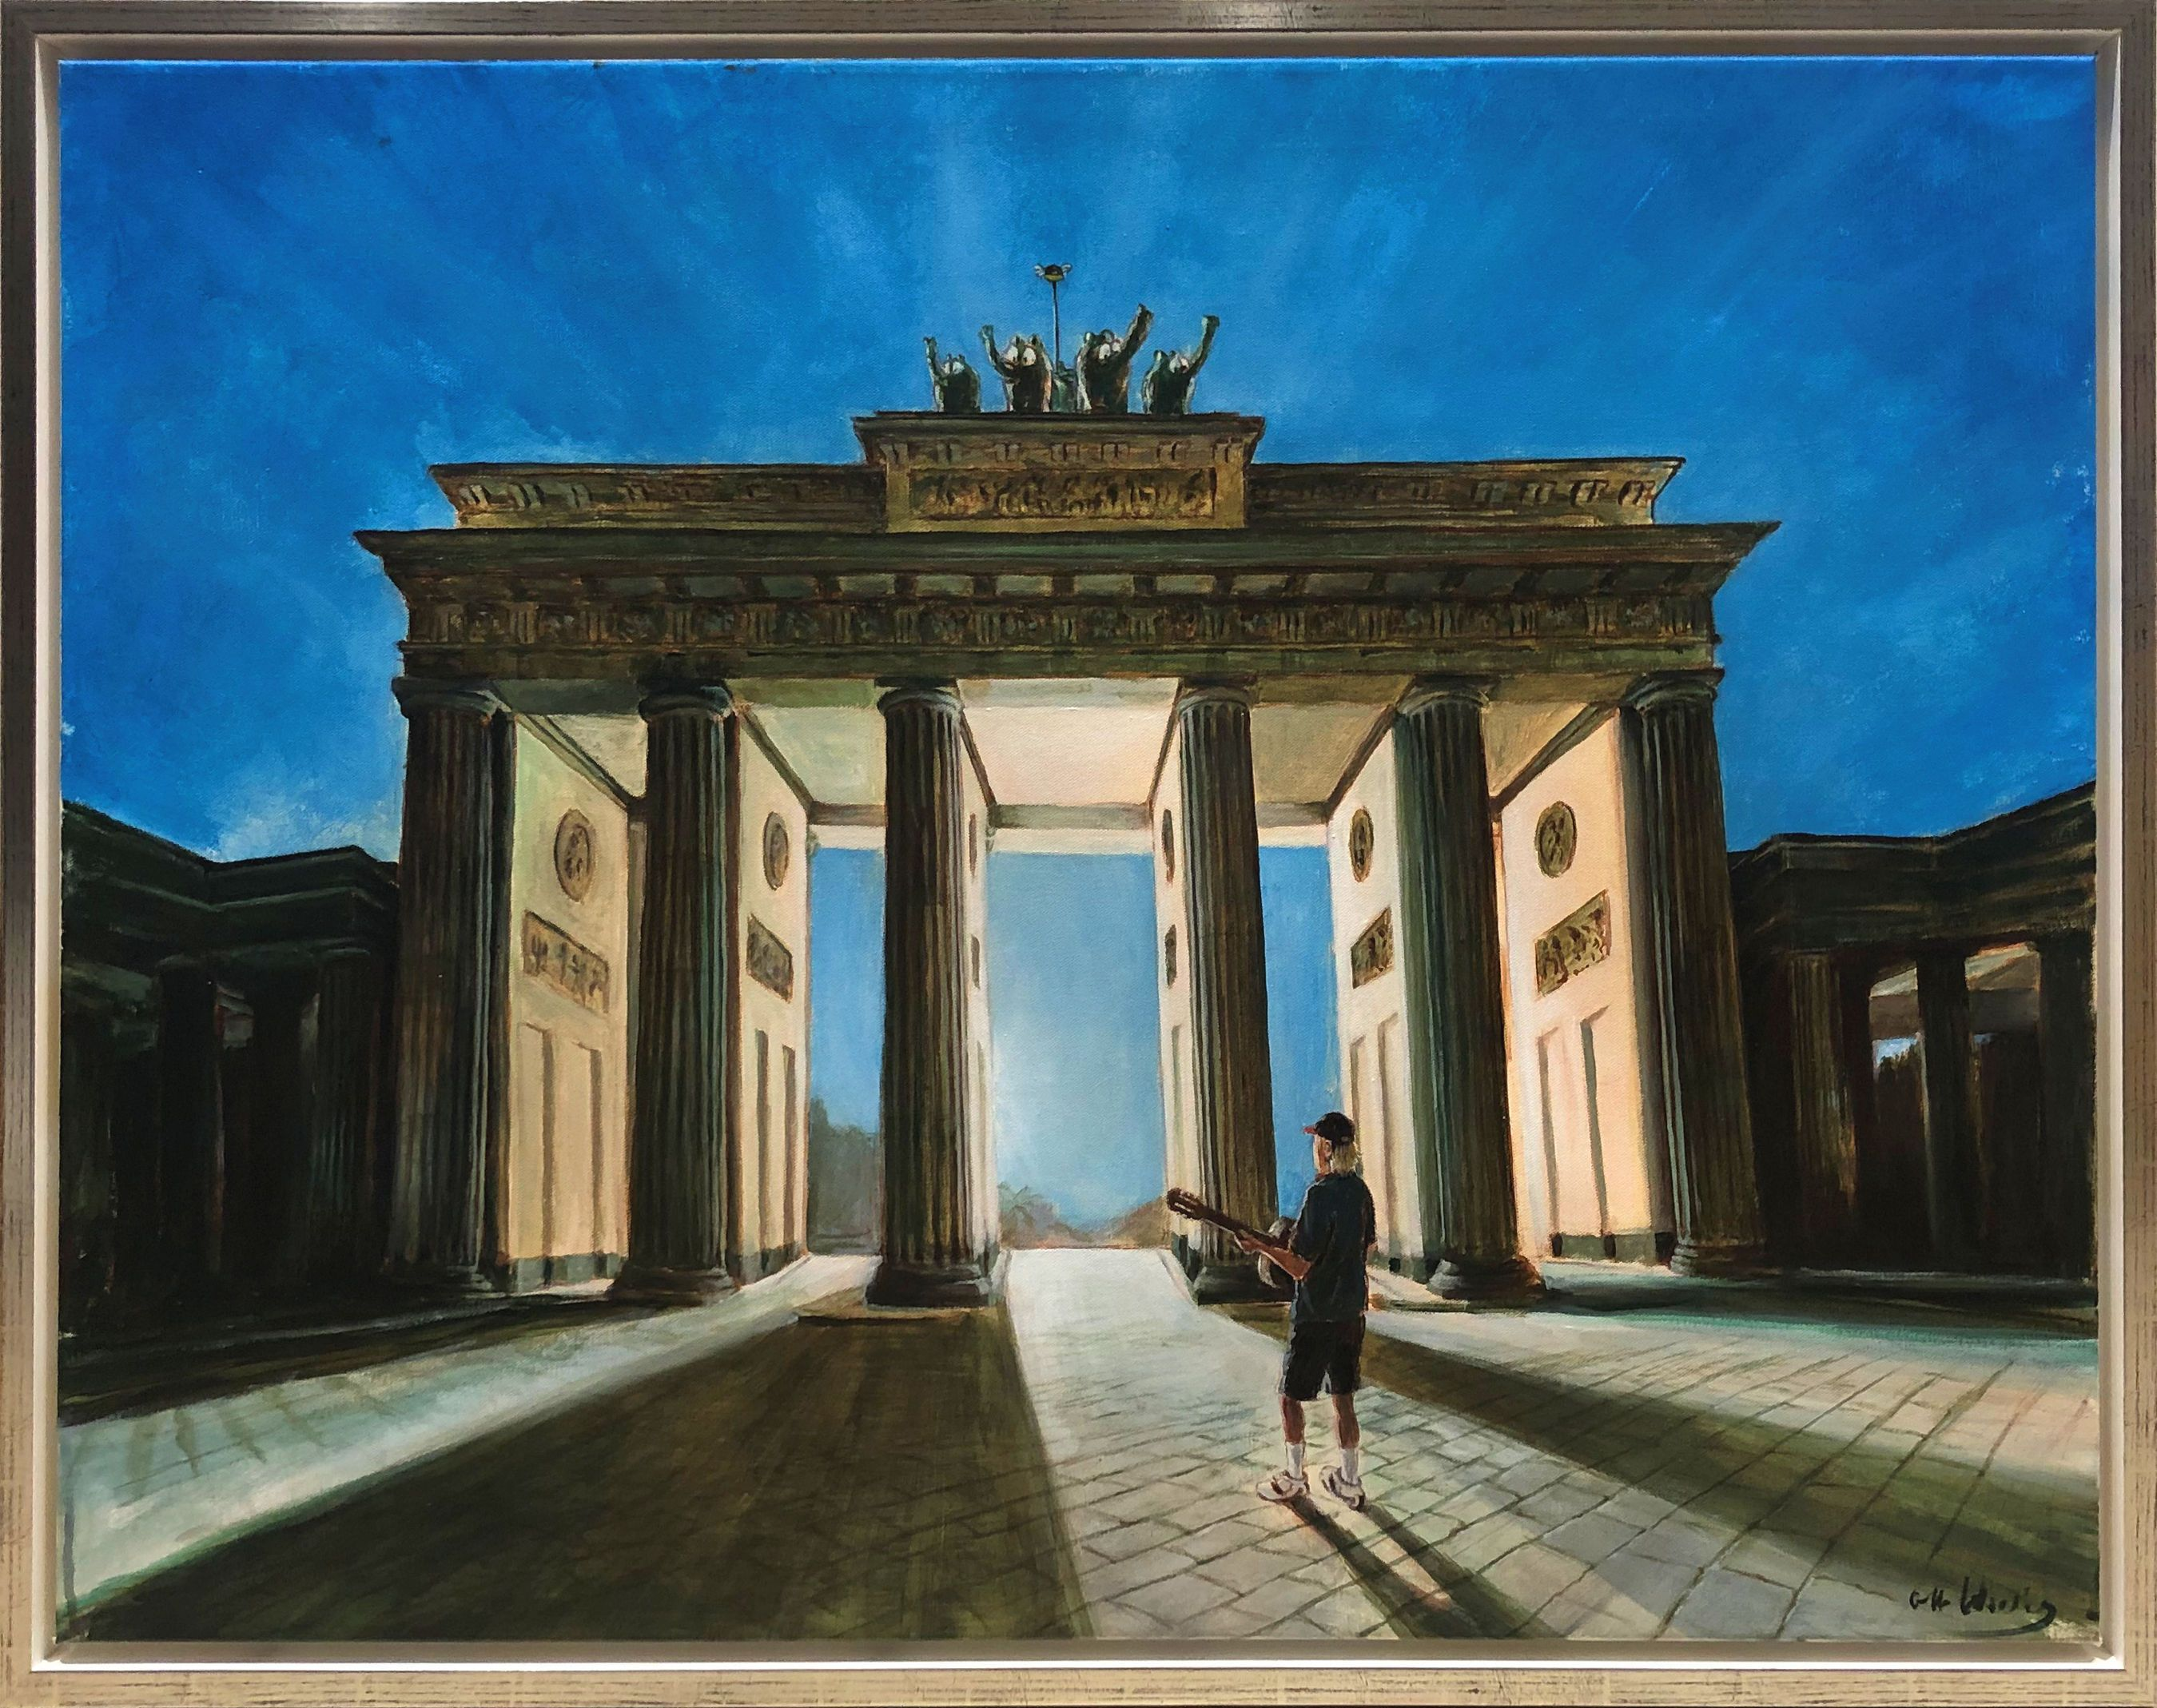 Das Otto Waalkes Gemalde One Morning In Berlin Ist Eine Hommage An Das Bekannte Sonnenaufgangsbild Von Helmut Kohl Im Rollstuhl Vor Mit Bildern Bilder Helmut Kohl Berlin